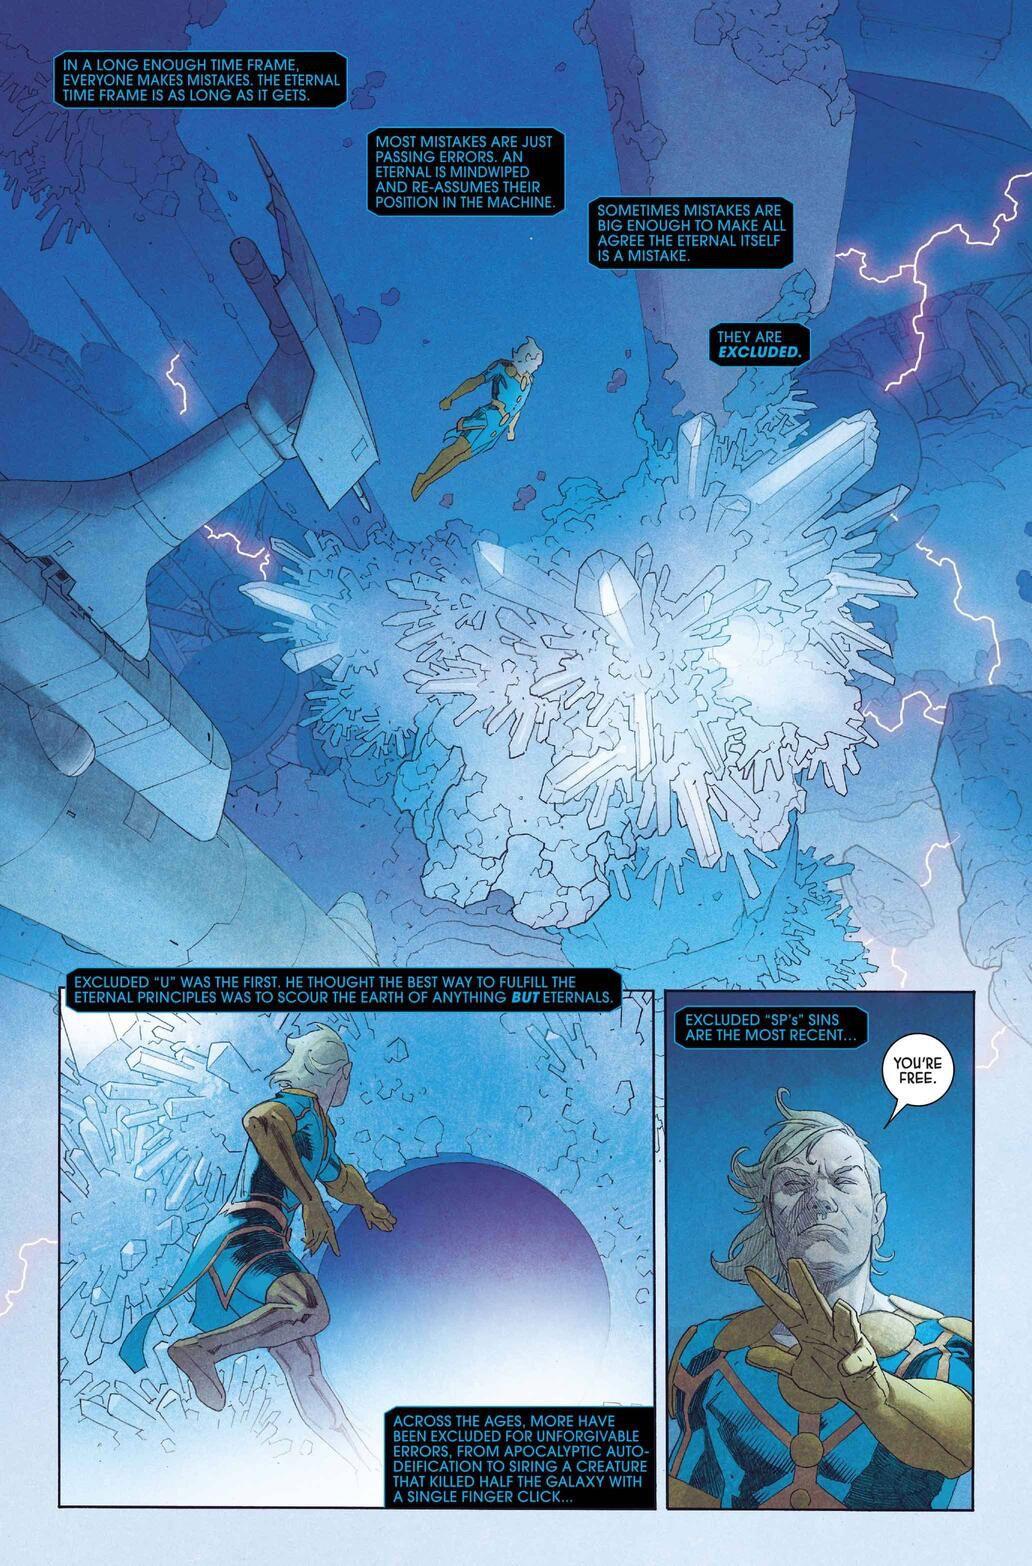 Ikaris flies around a cave of underground crystals